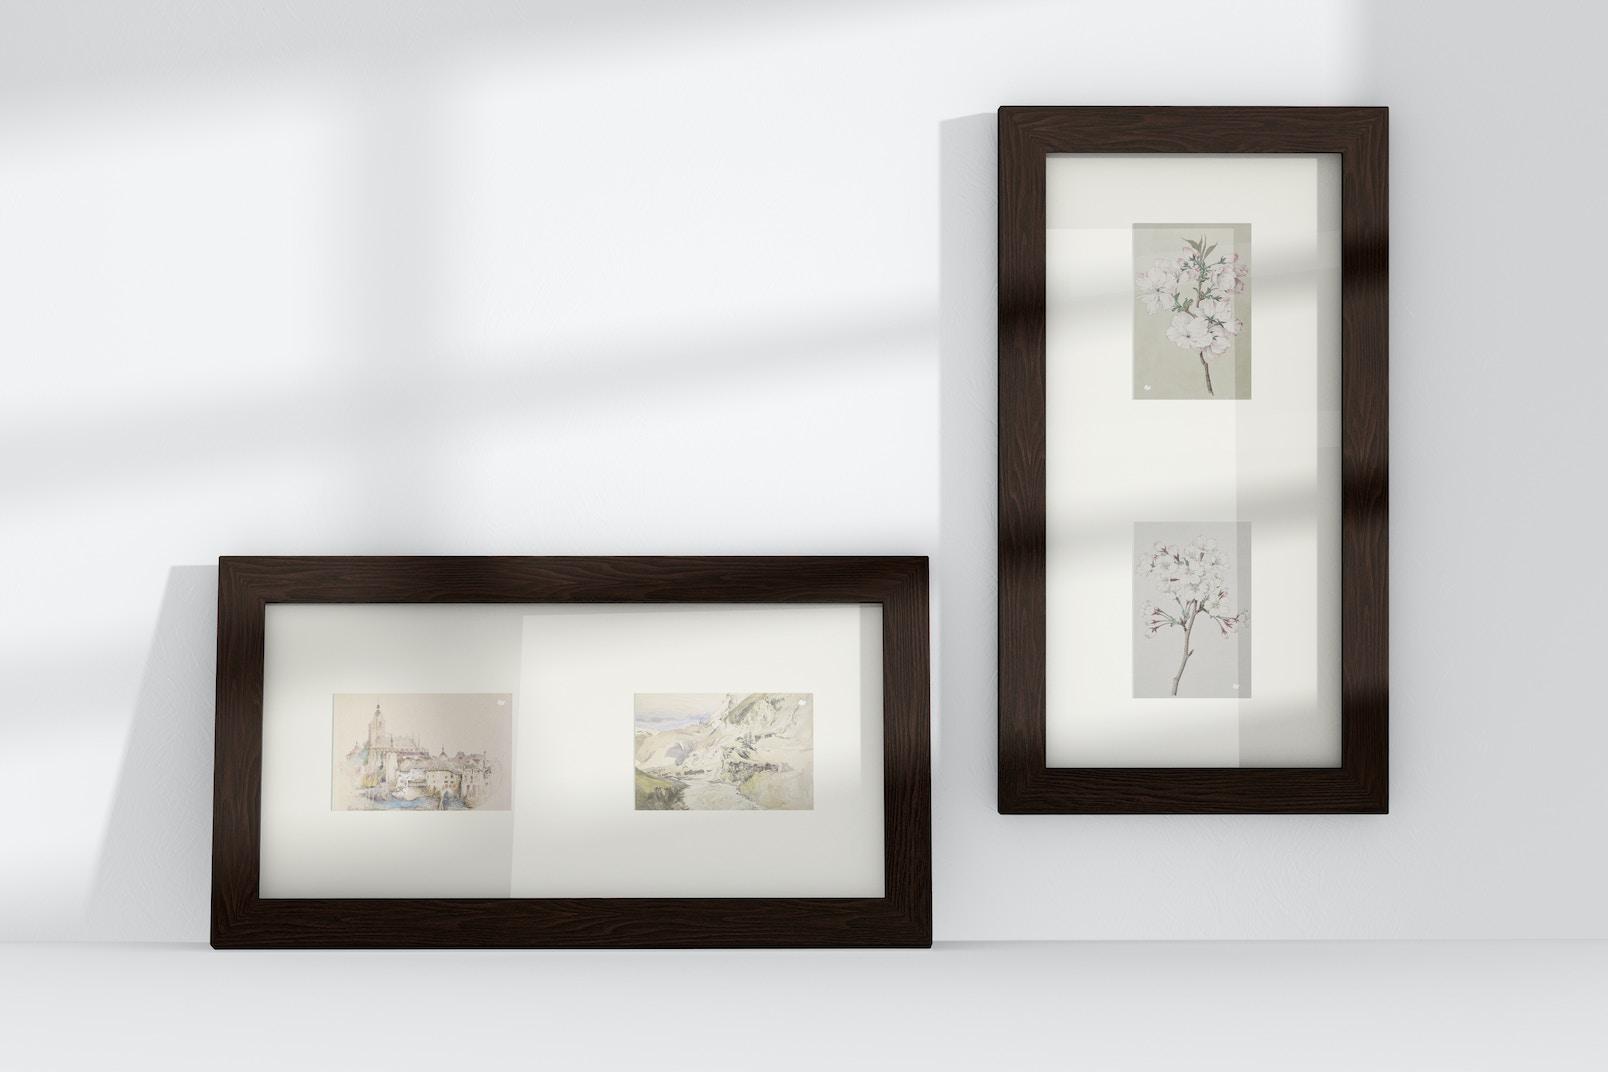 4:6 Multiple Photo Frames Mockup, Leaned